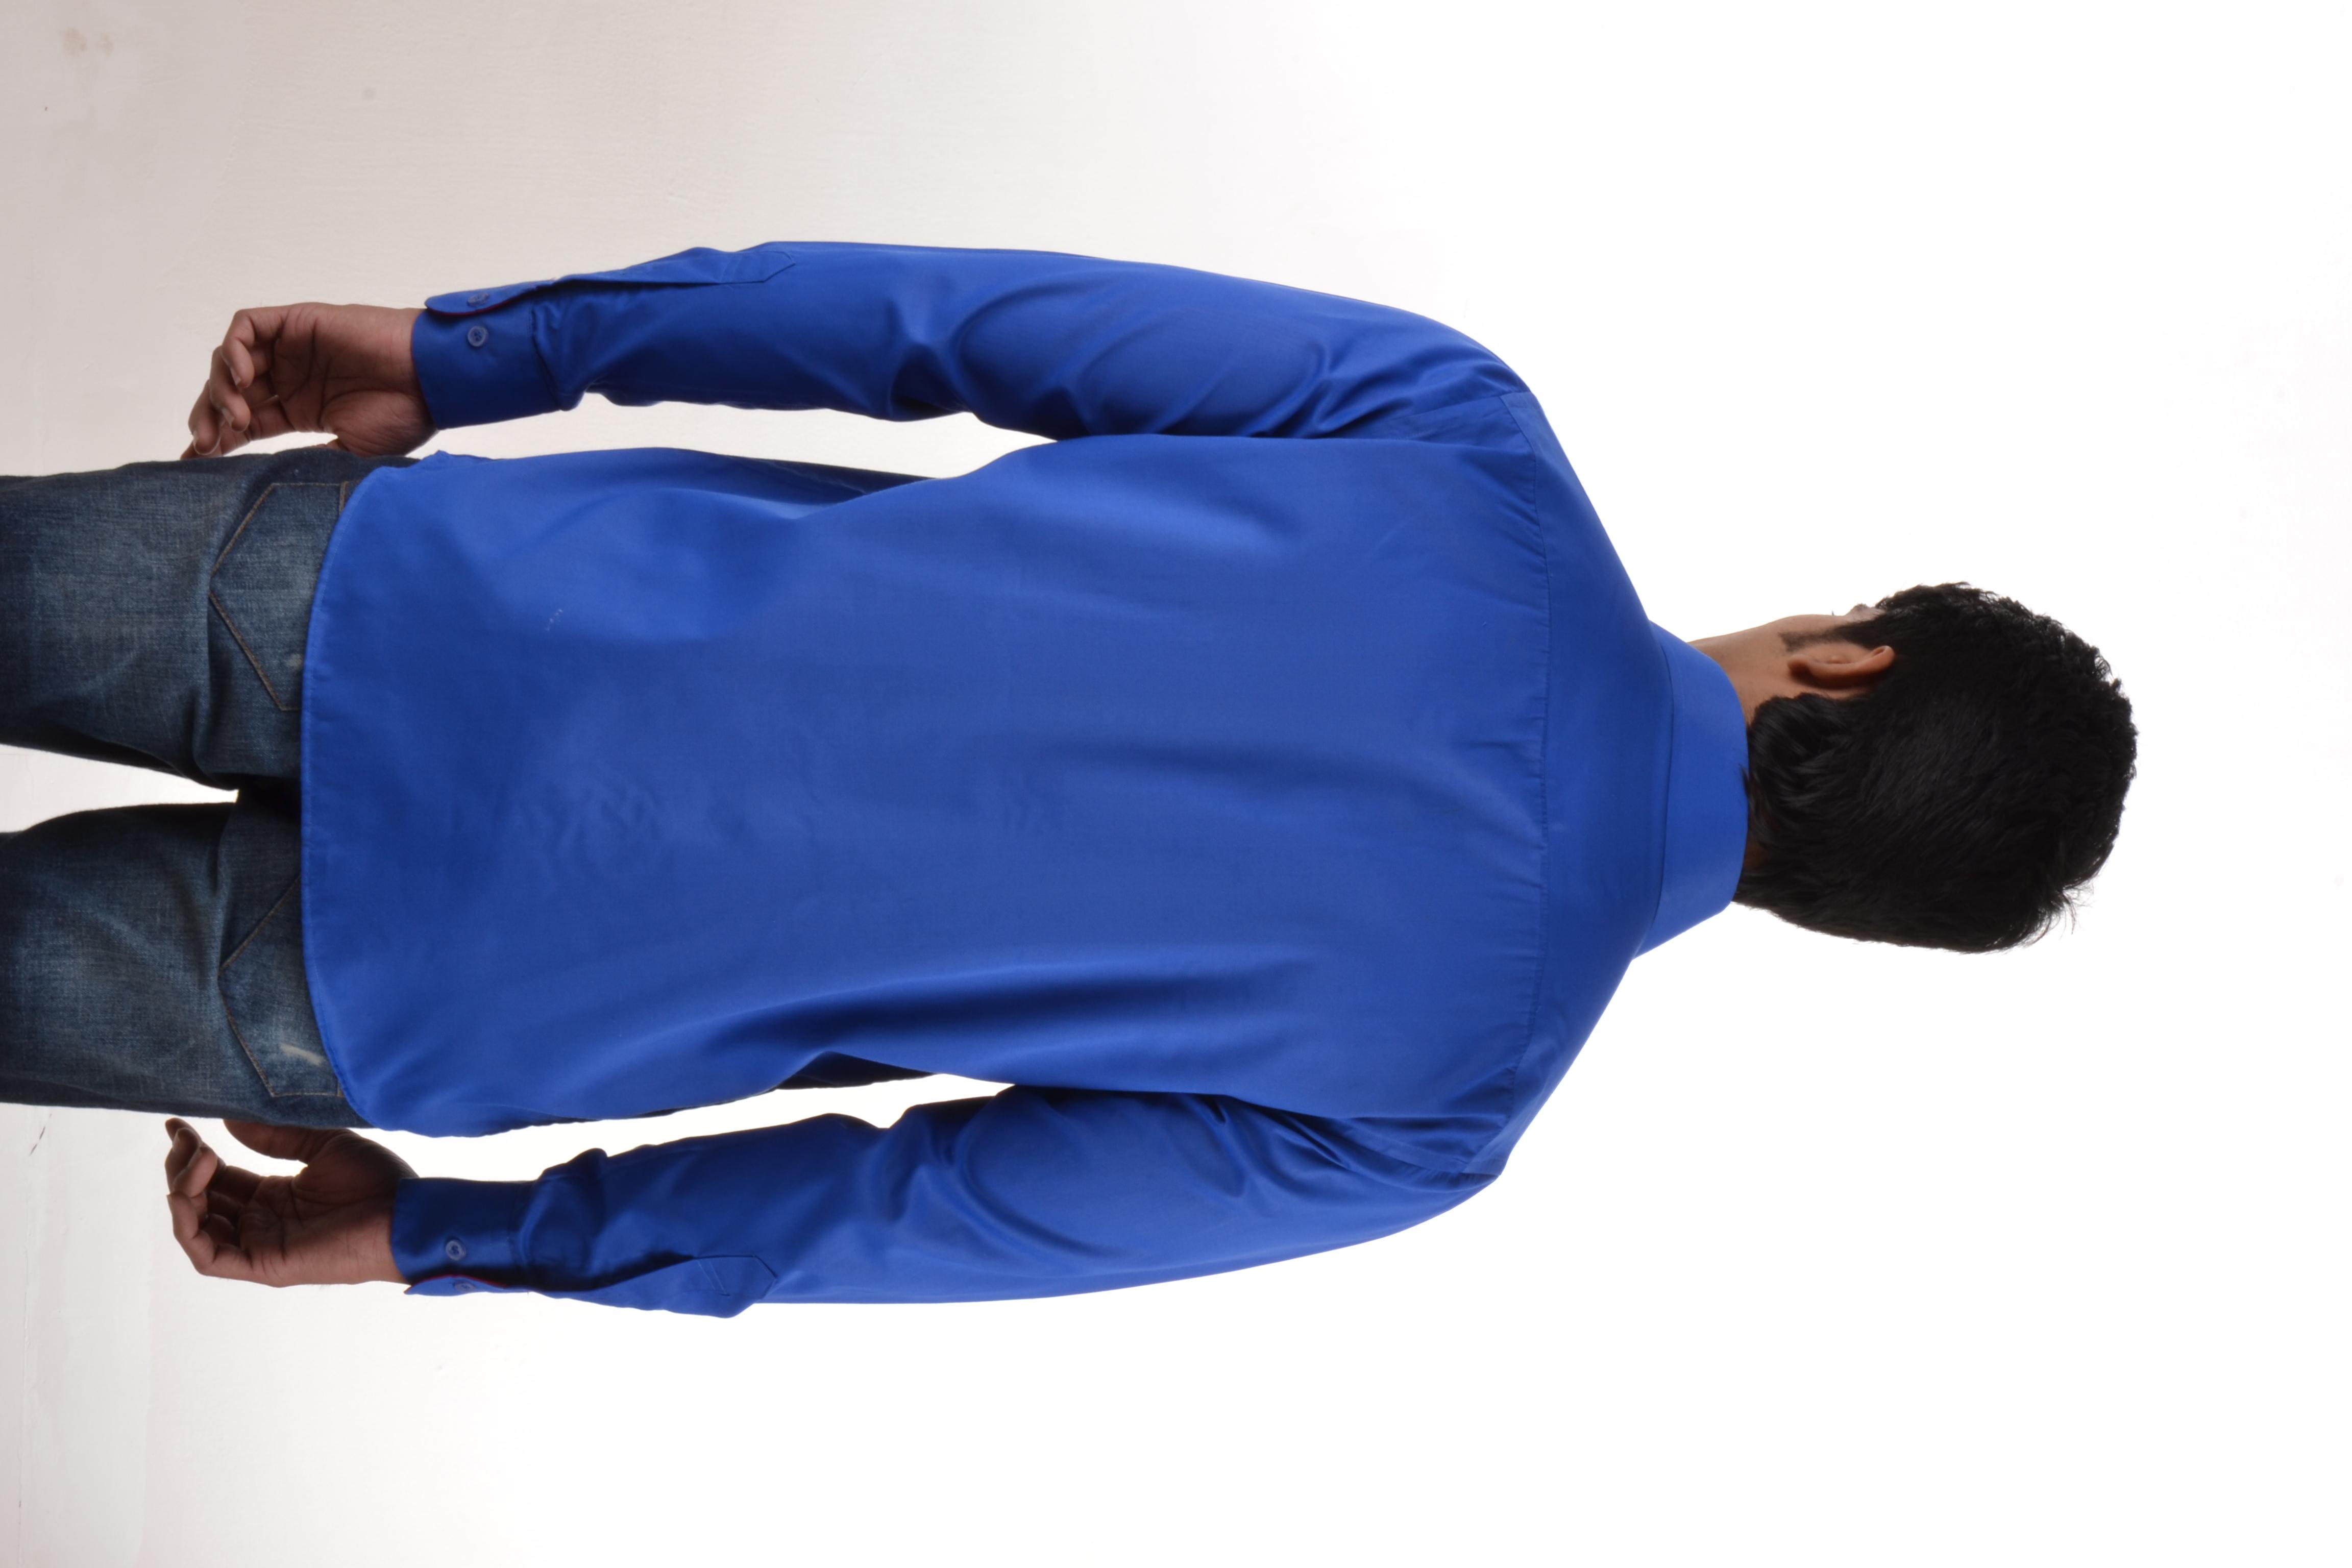 hajia ayisha clothing company